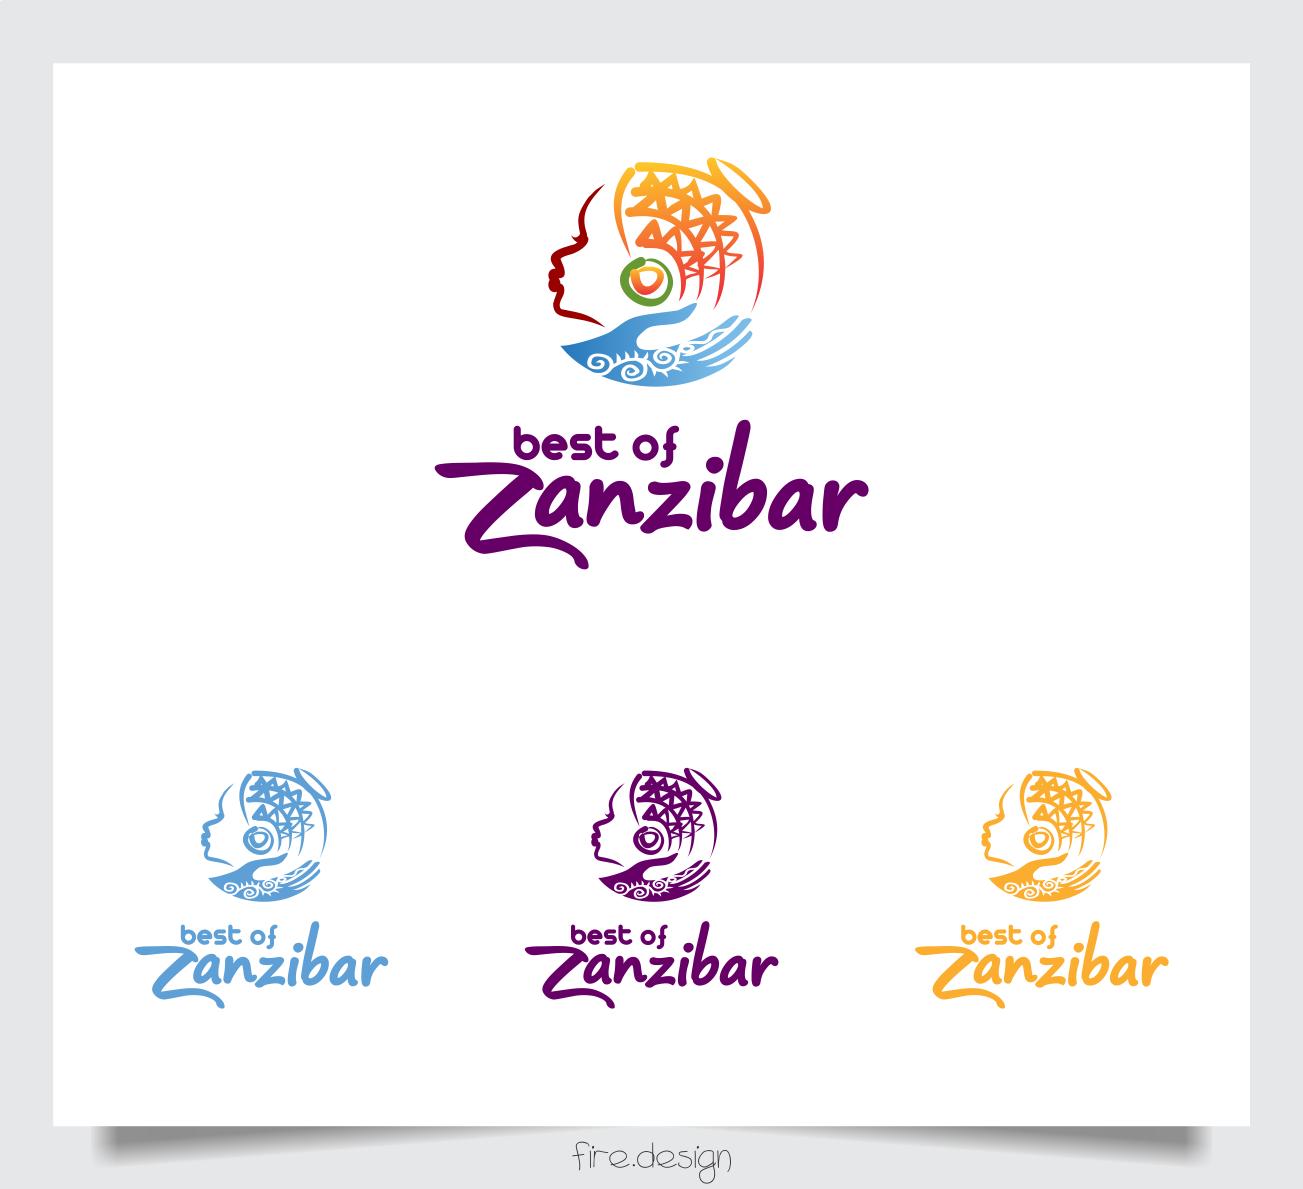 NGO in ZANZIBAR needing African/Henna-inspired logo for community development and empowerment organization